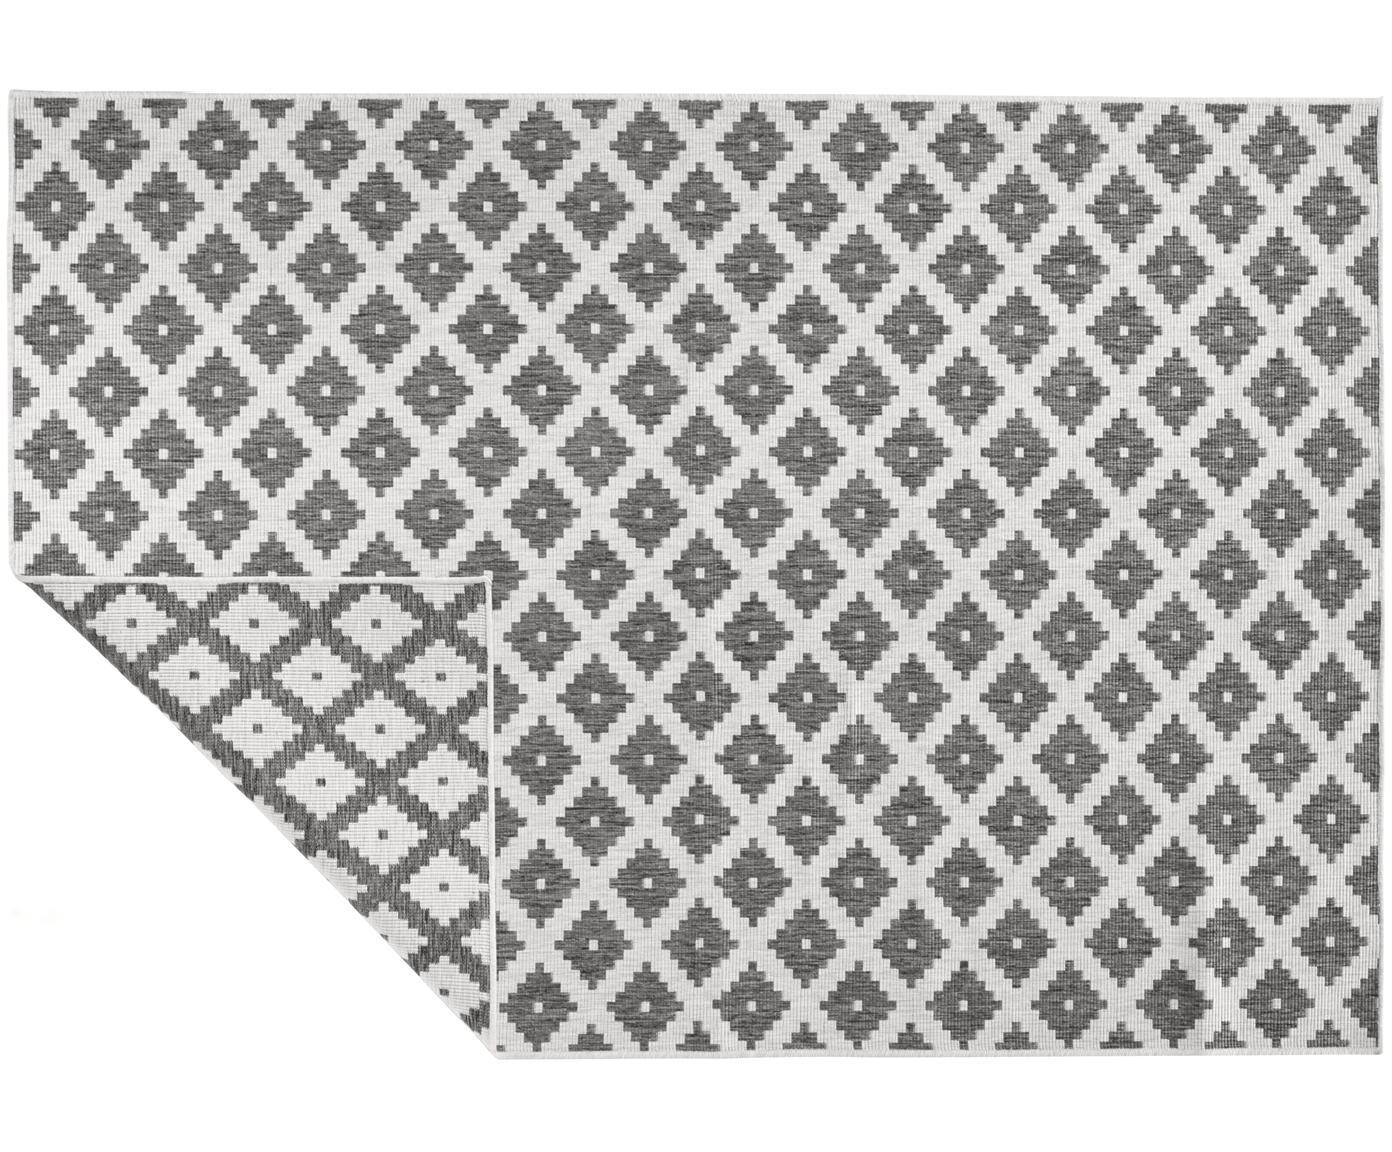 In- und Outdoor-Wendeteppich Nizza in Grau/Creme, Grau, Cremefarben, B 80 x L 150 cm (Größe XS)